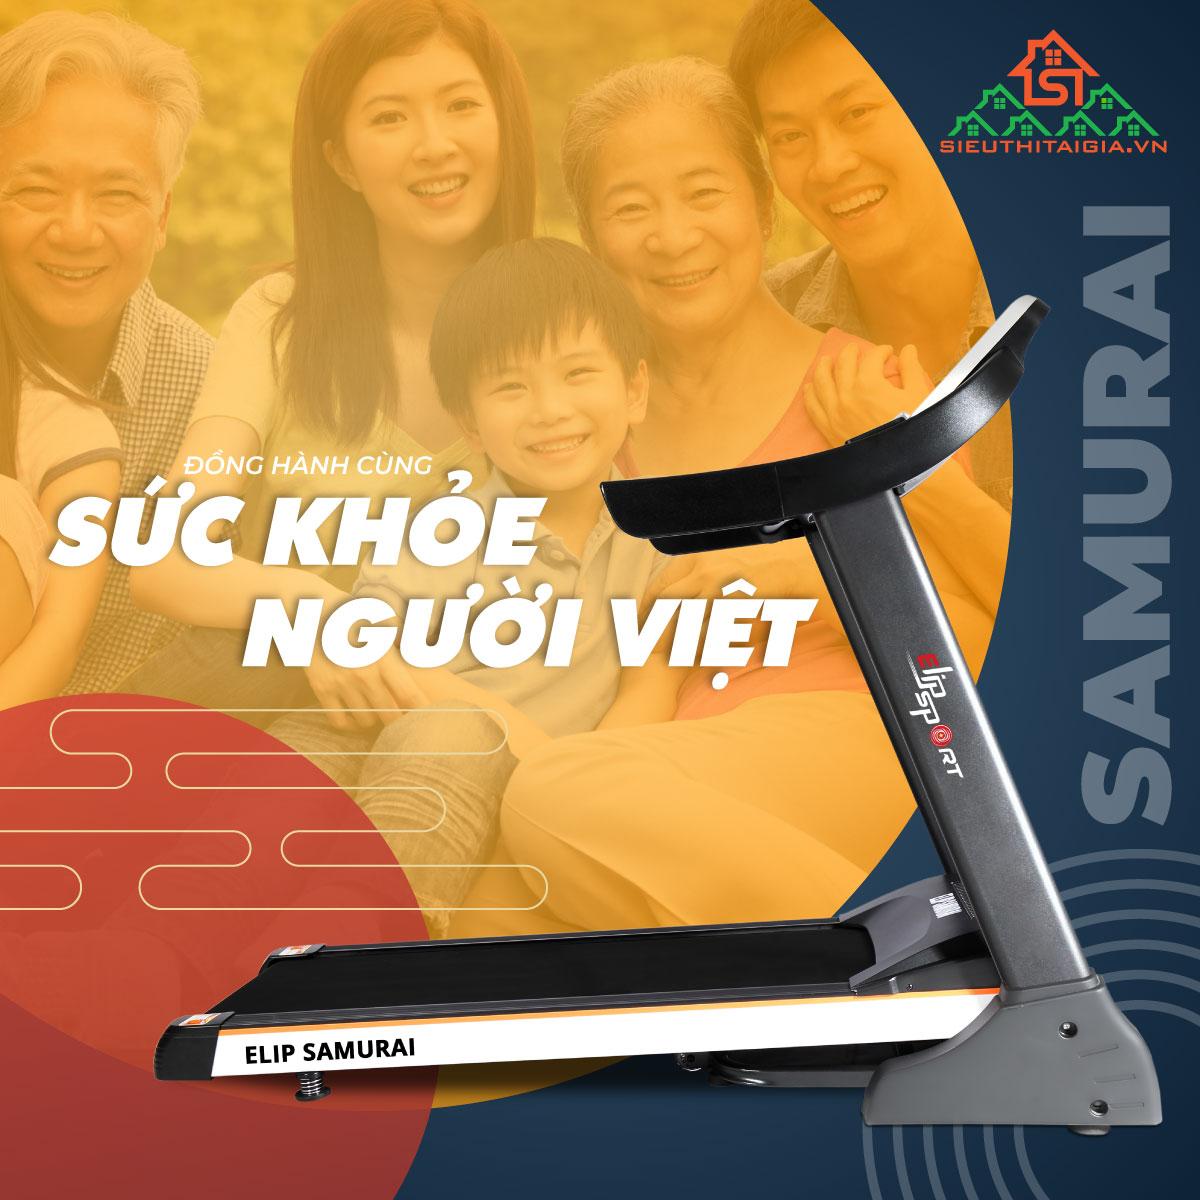 máy chạy bộ Samurai